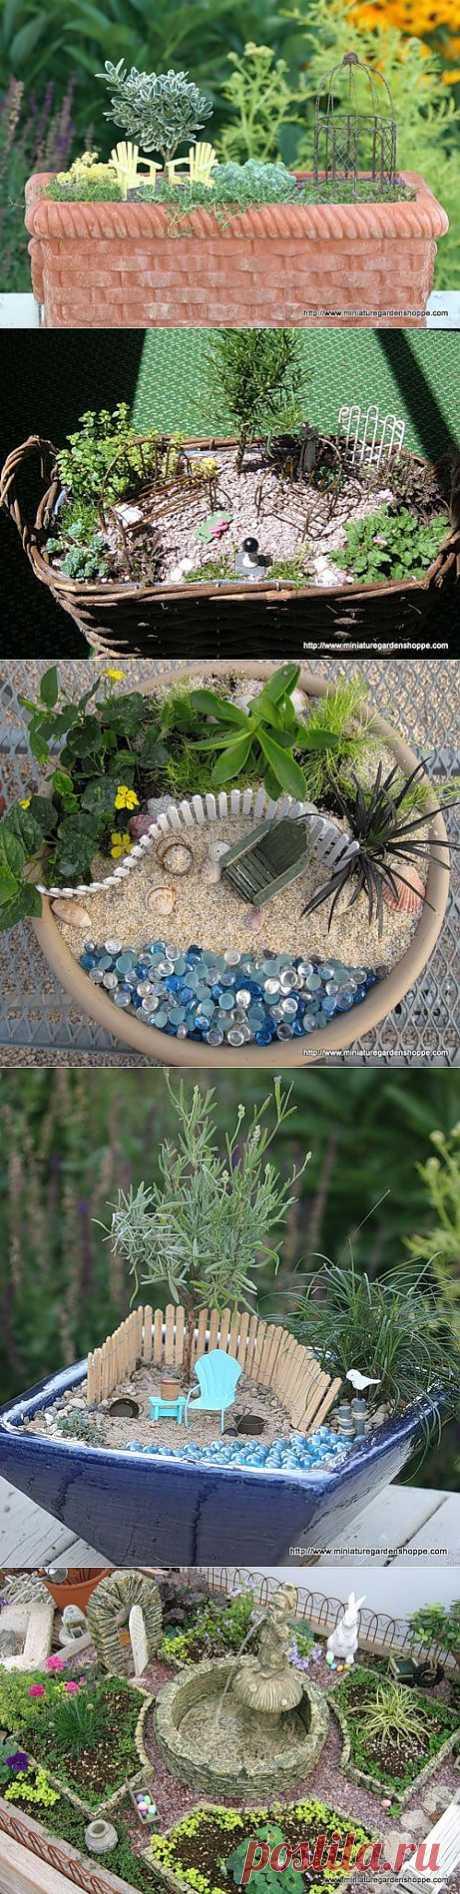 Зимний сад в доме и во дворе | Миниатюрный сад в плошке